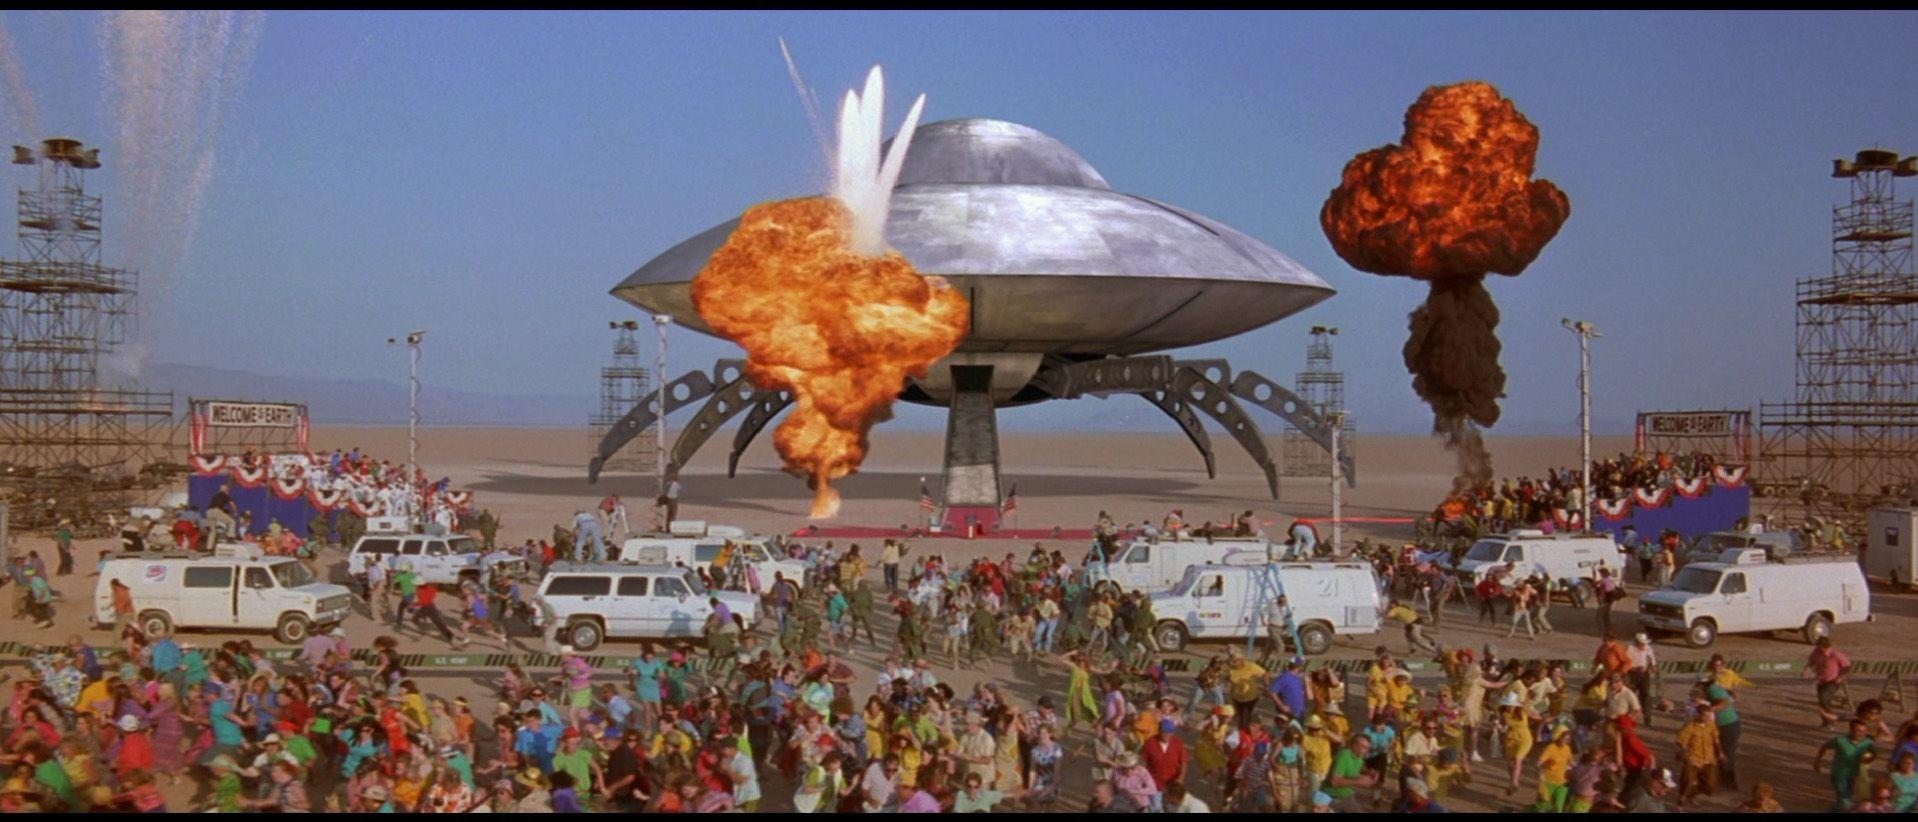 Mars Attacks! Mars attacks, Attack movie, Tim burton films